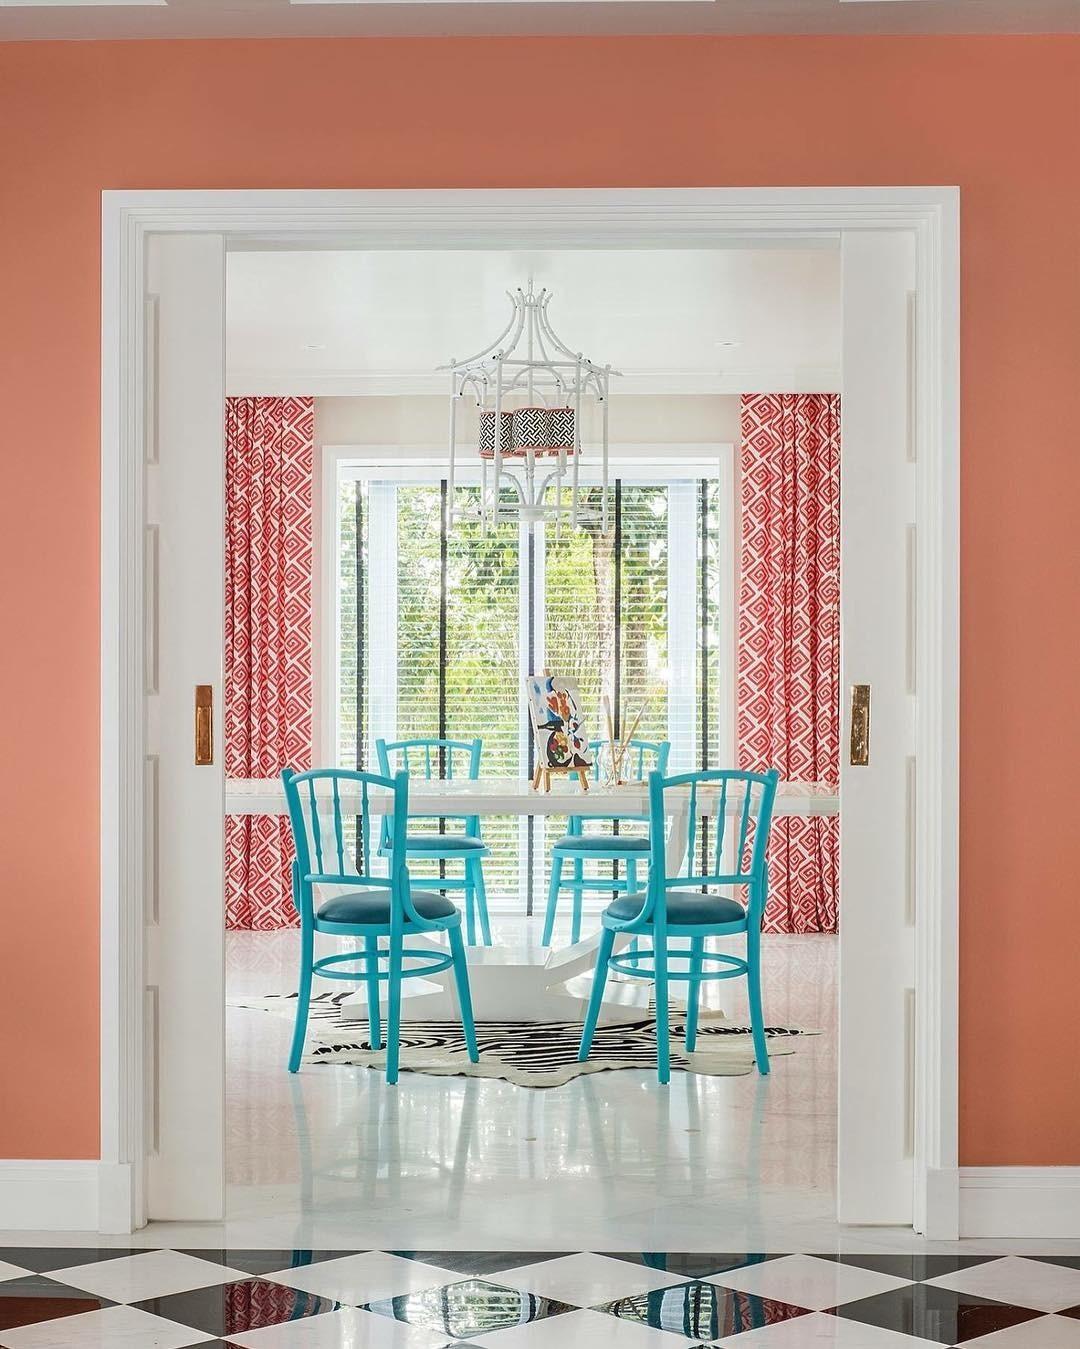 Наш неординарный цвет отлично сочетается не только с синим, но и с бирюзовым, а белый создает идеальную раму для этих двух сложных оттенков.